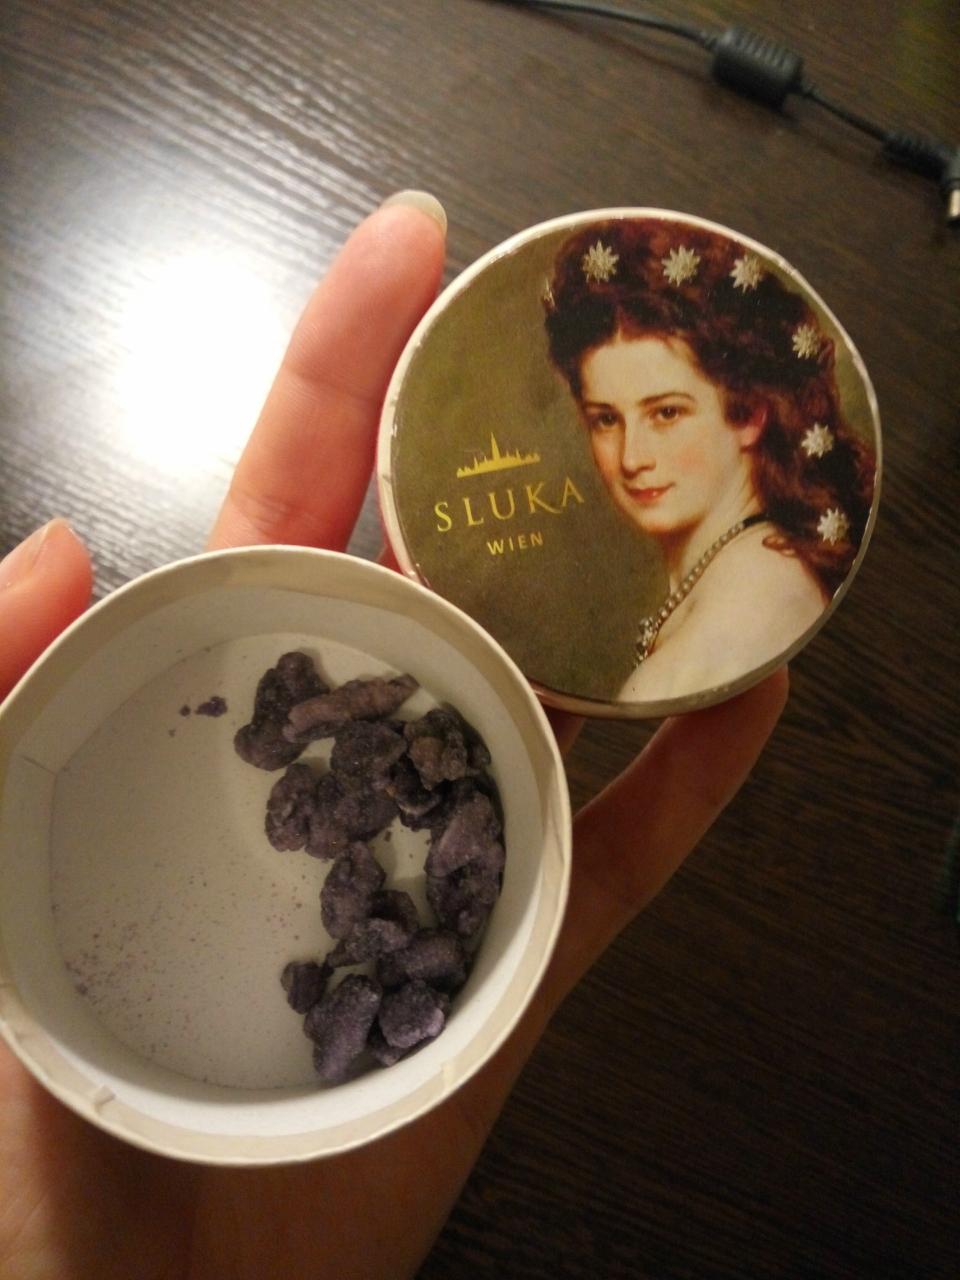 Maroosya конфета